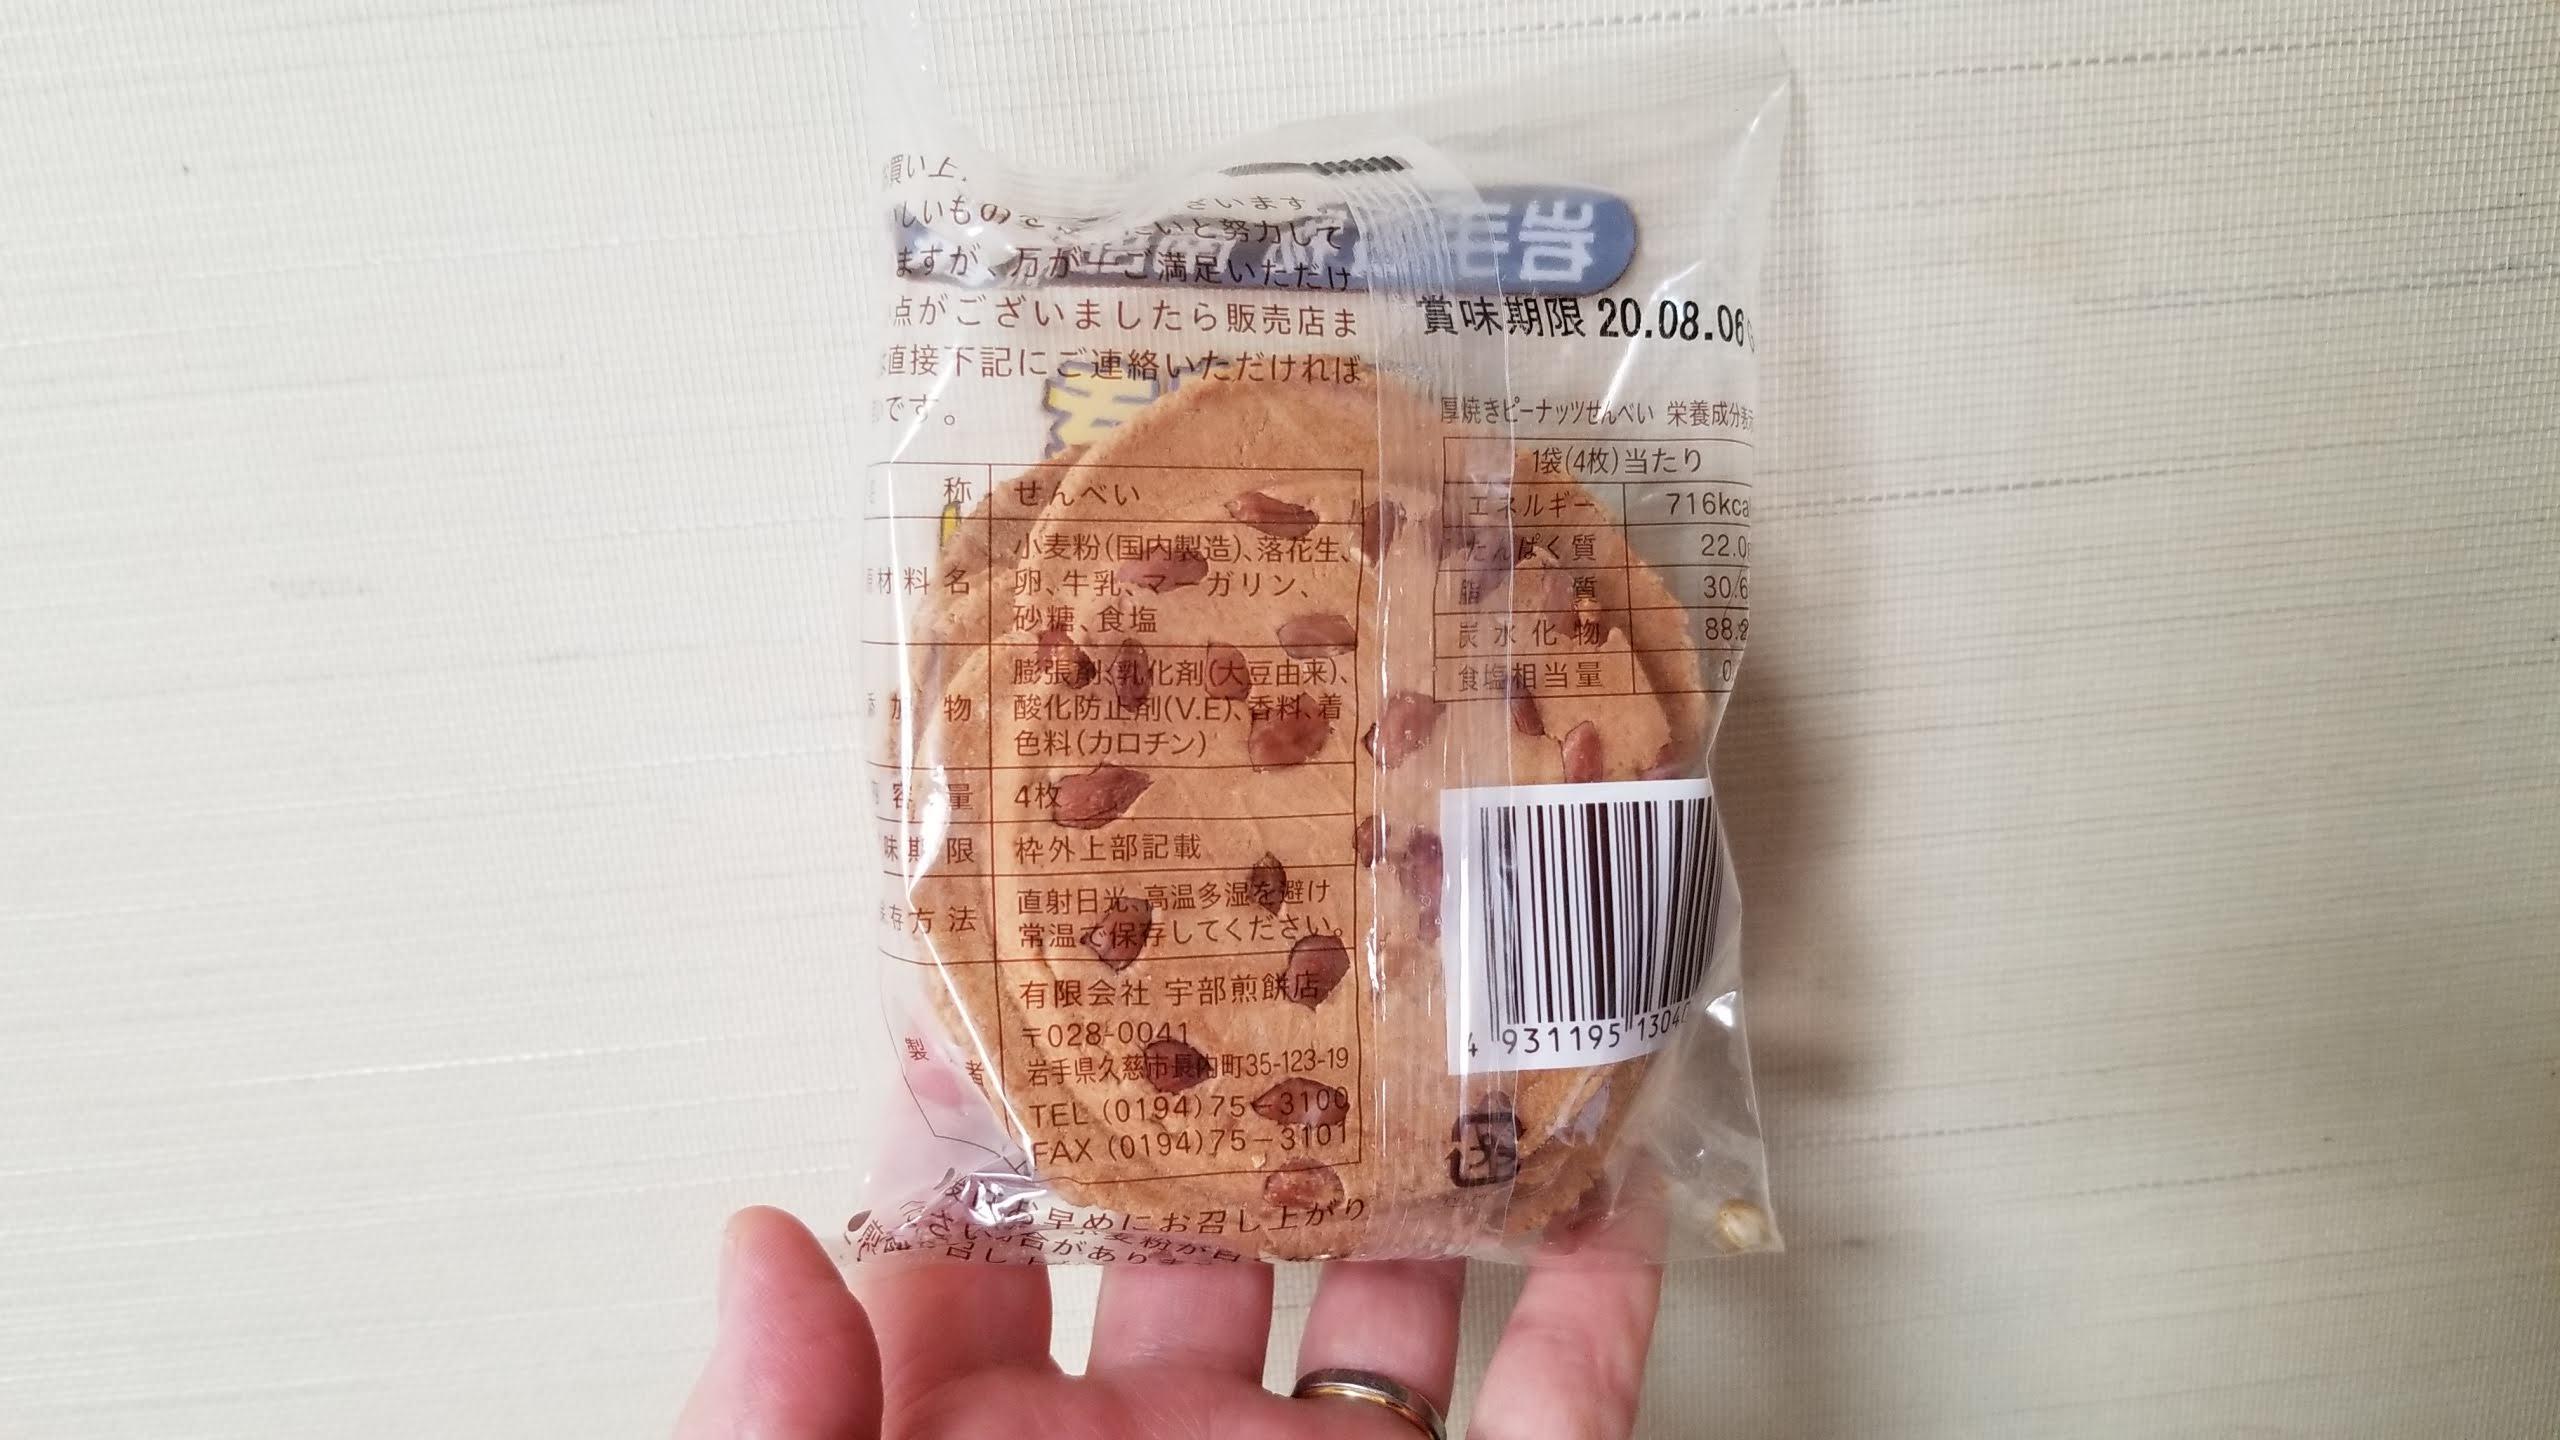 岩手名物南部煎餅 厚焼きピーナッツ煎餅(4枚入り)/宇部煎餅店_20200525_123607